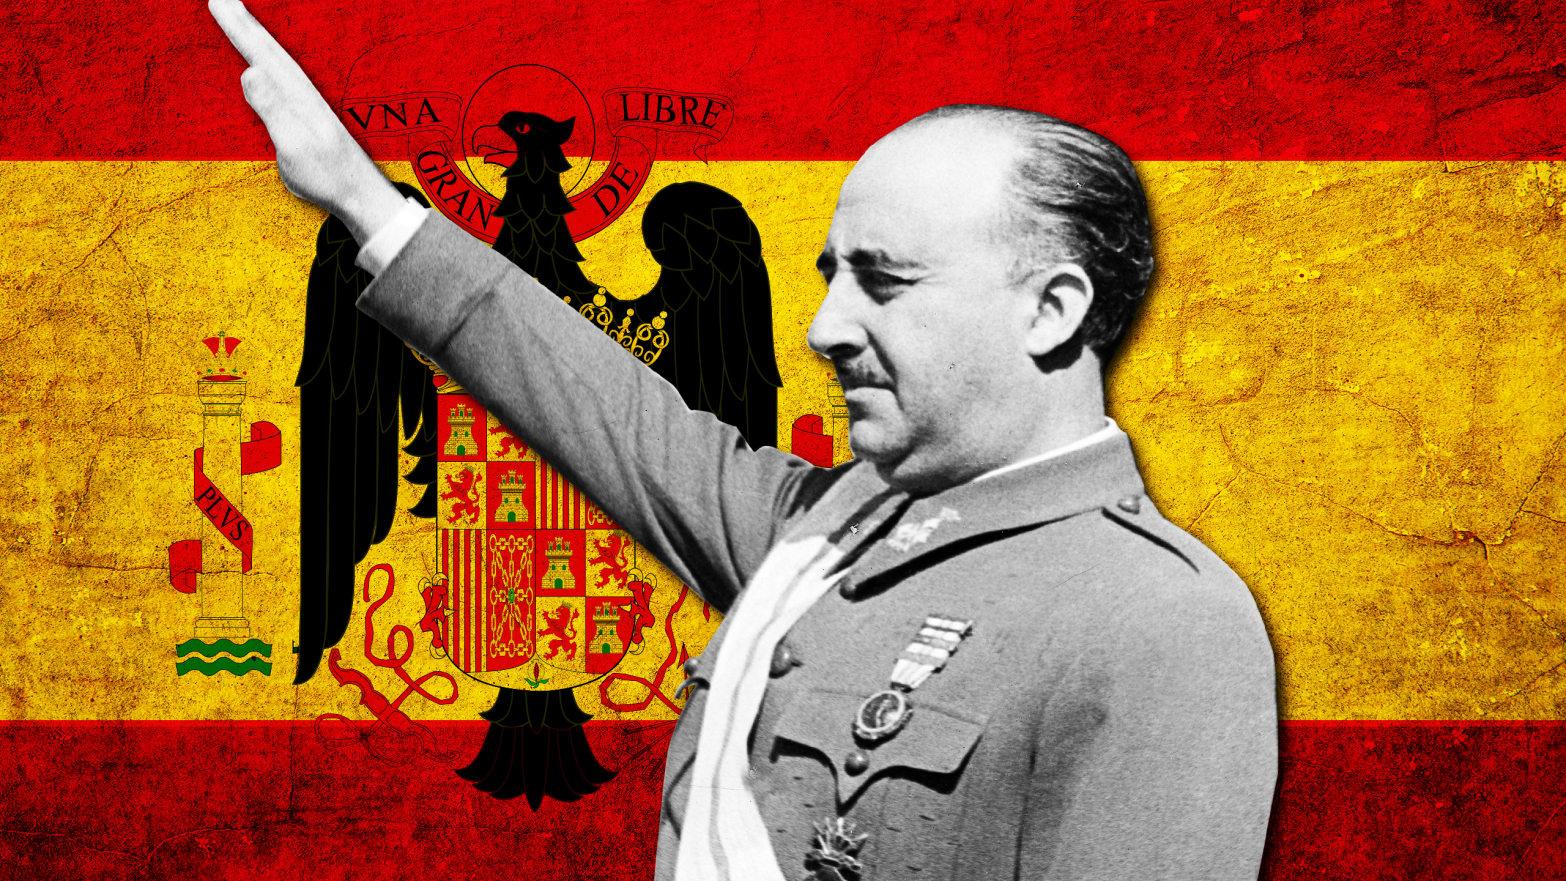 Ispanijos pilietinis karas: ideologijų kova šalį pavertė griuvėsiais